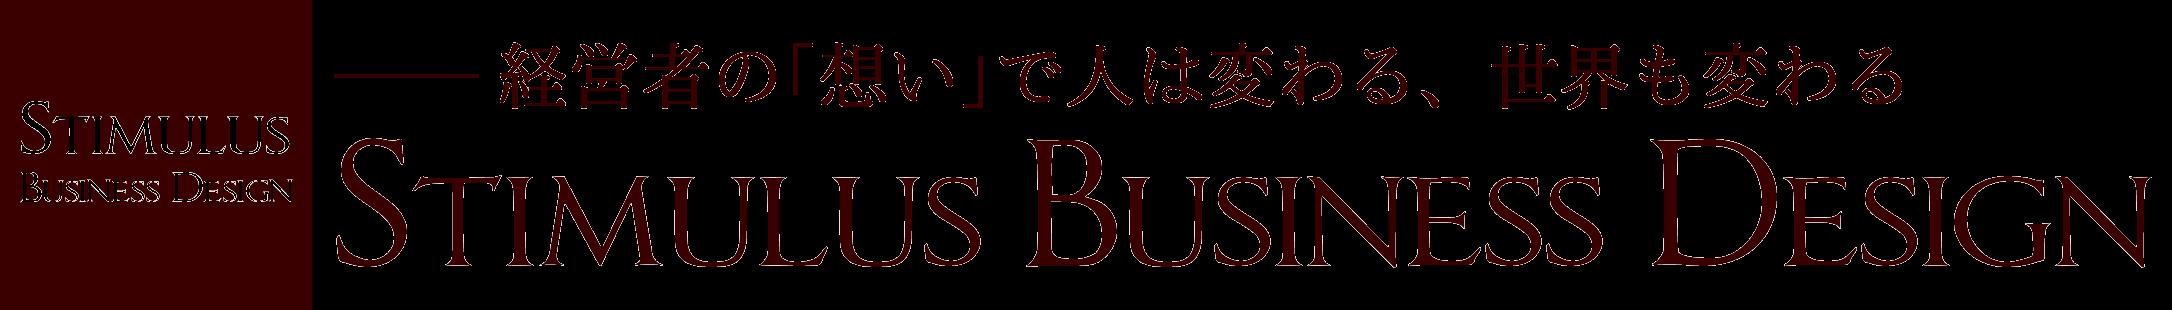 STIMULUS BUSINESS DESIGN